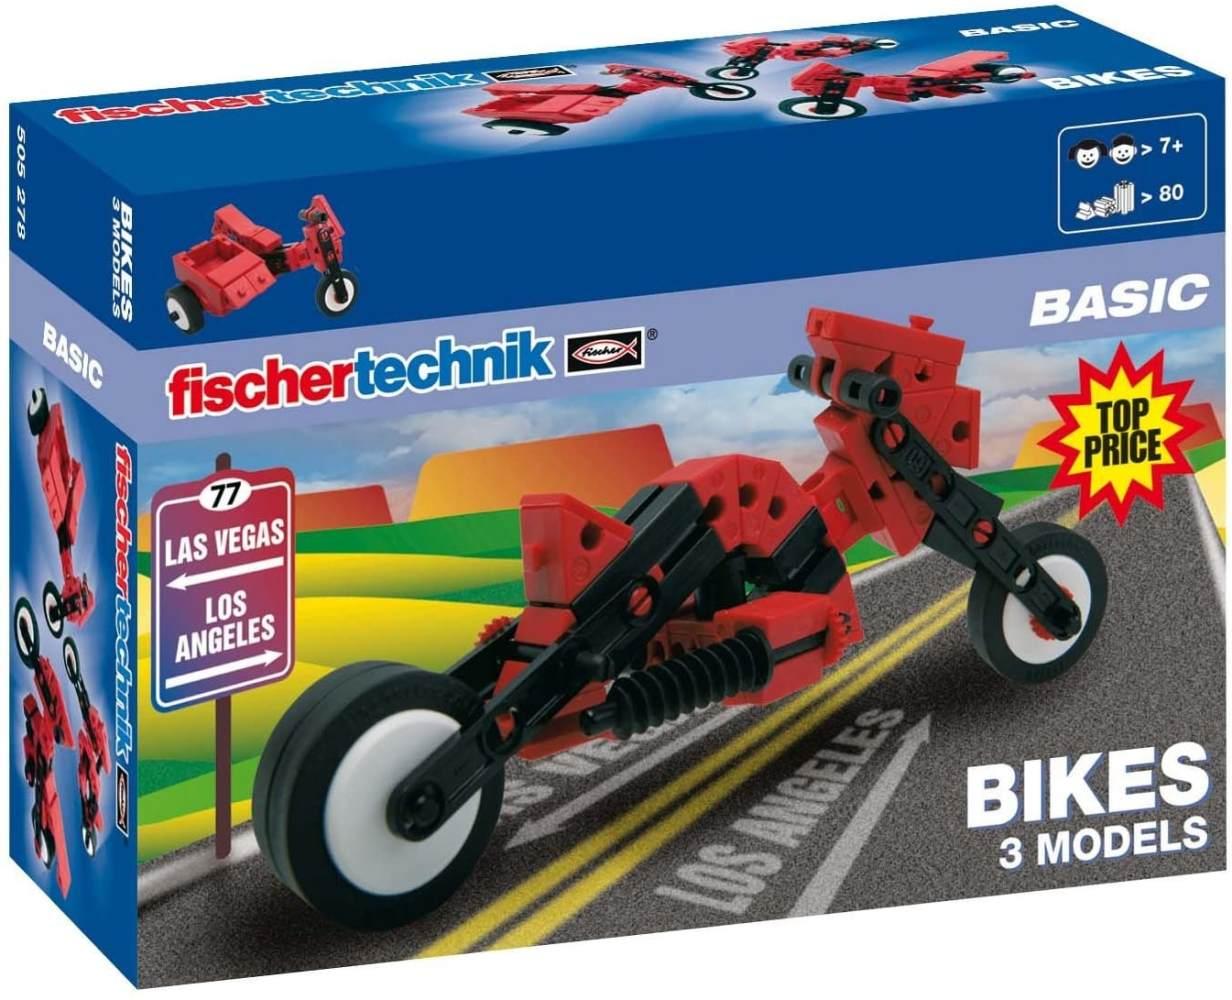 fischertechnik BASIC Bikes, Konstruktionsbaukasten - 505278 Bild 1